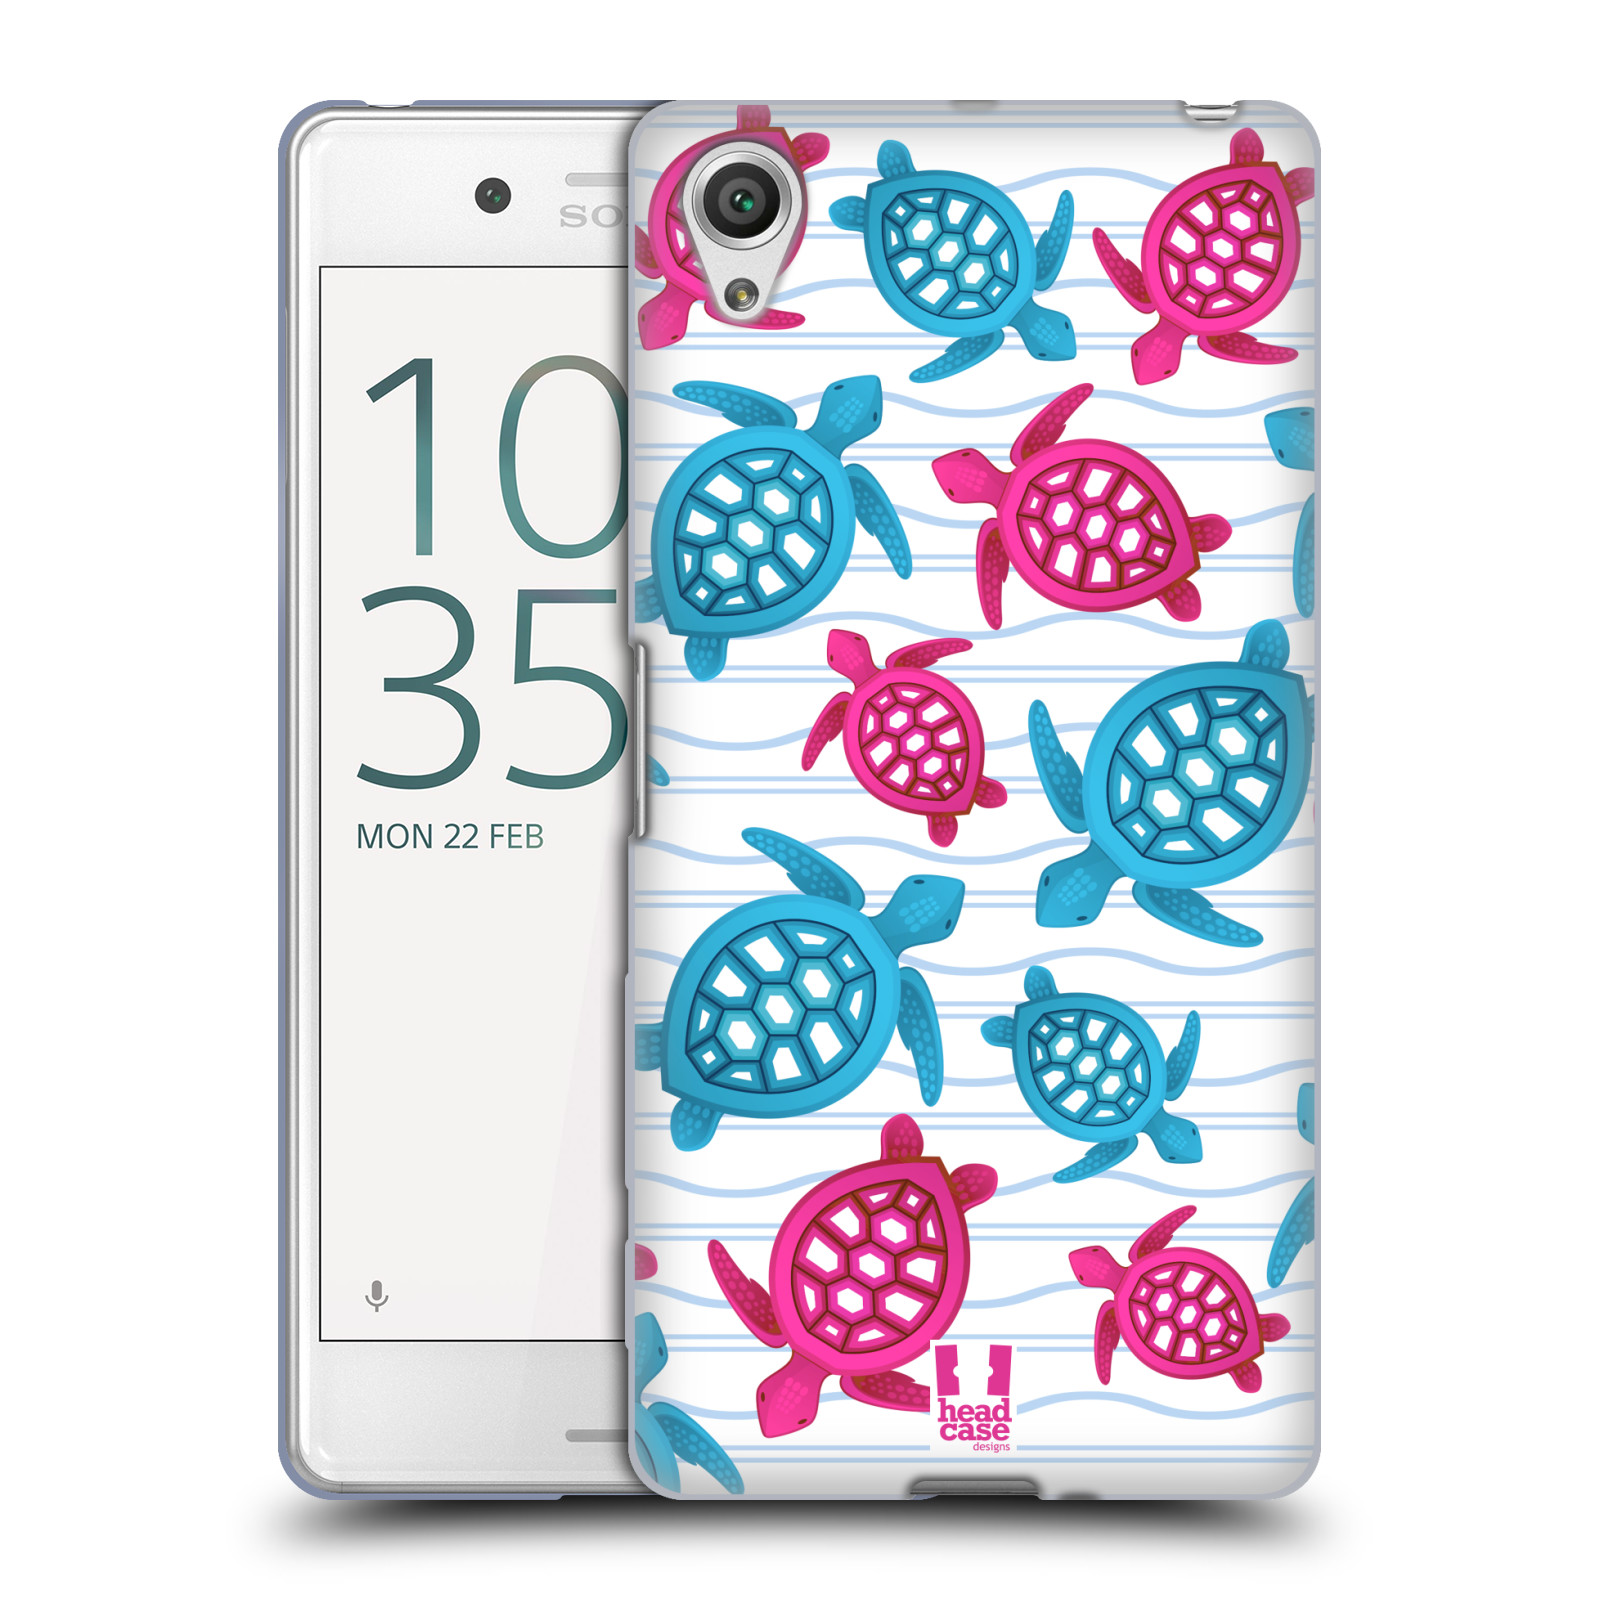 HEAD CASE silikonový obal na mobil Sony Xperia X PERFORMANCE (F8131, F8132) vzor mořský živočich želva modrá a růžová